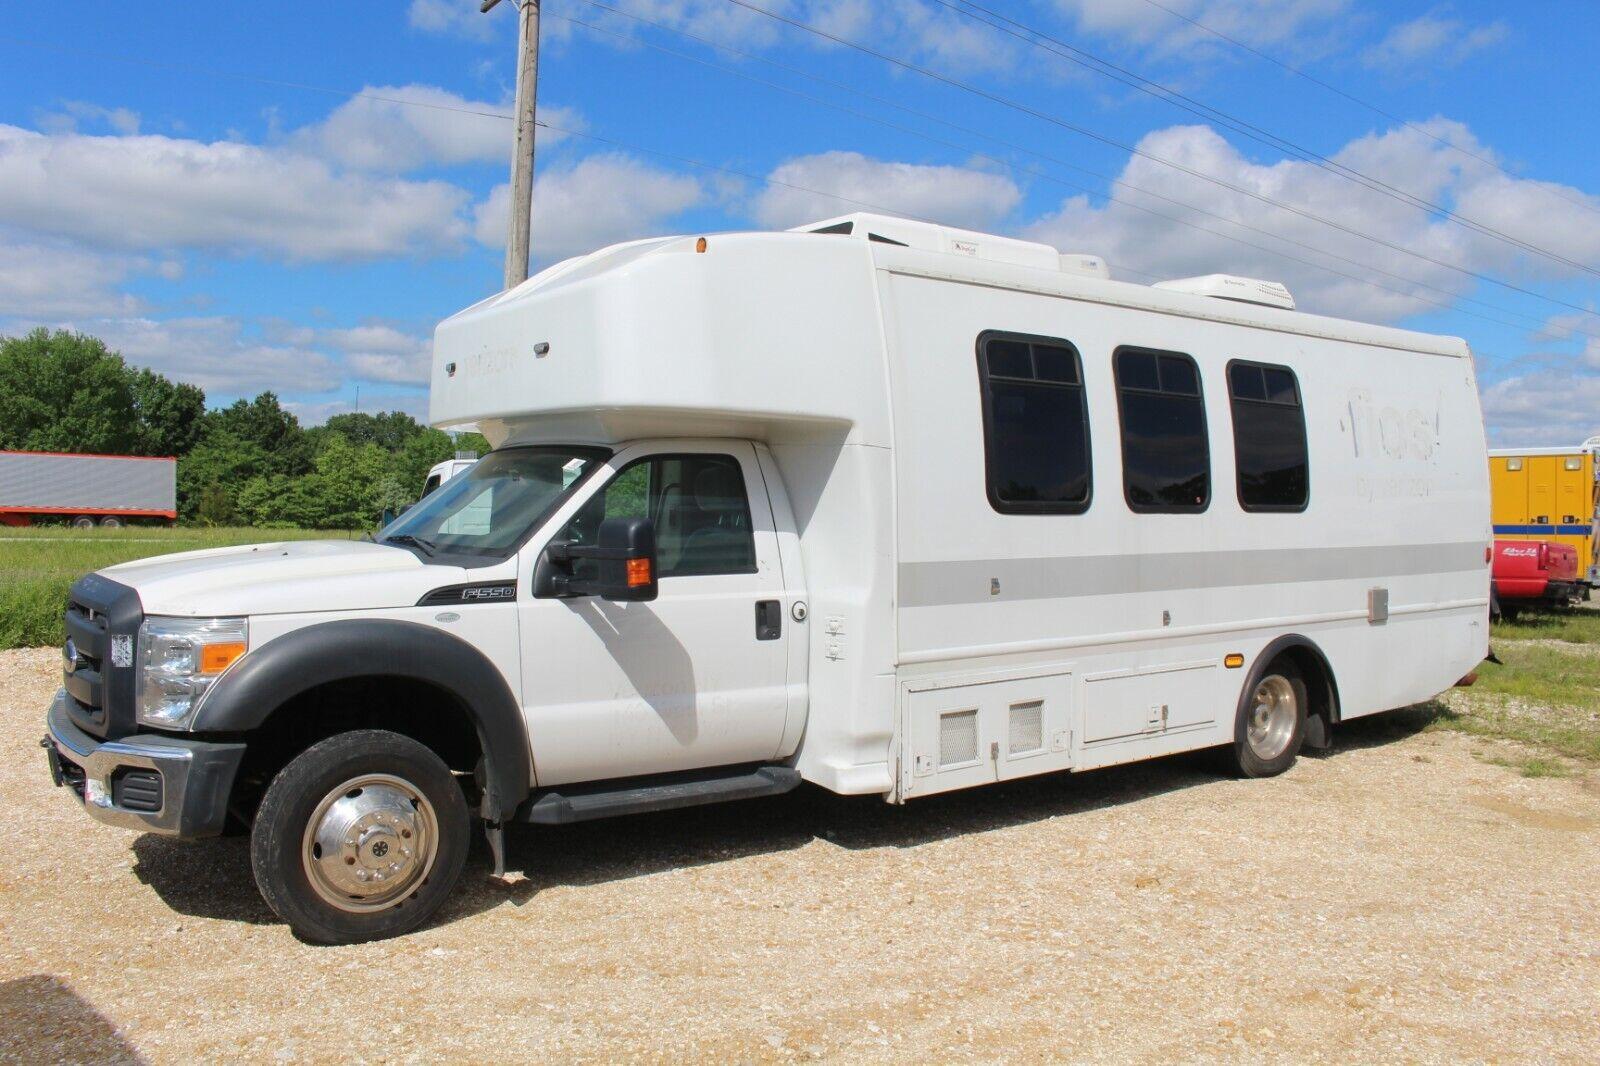 2012 Ford F-550 Shuttle Bus Camper Van Motor Home Skoolie Food Truck RV Used